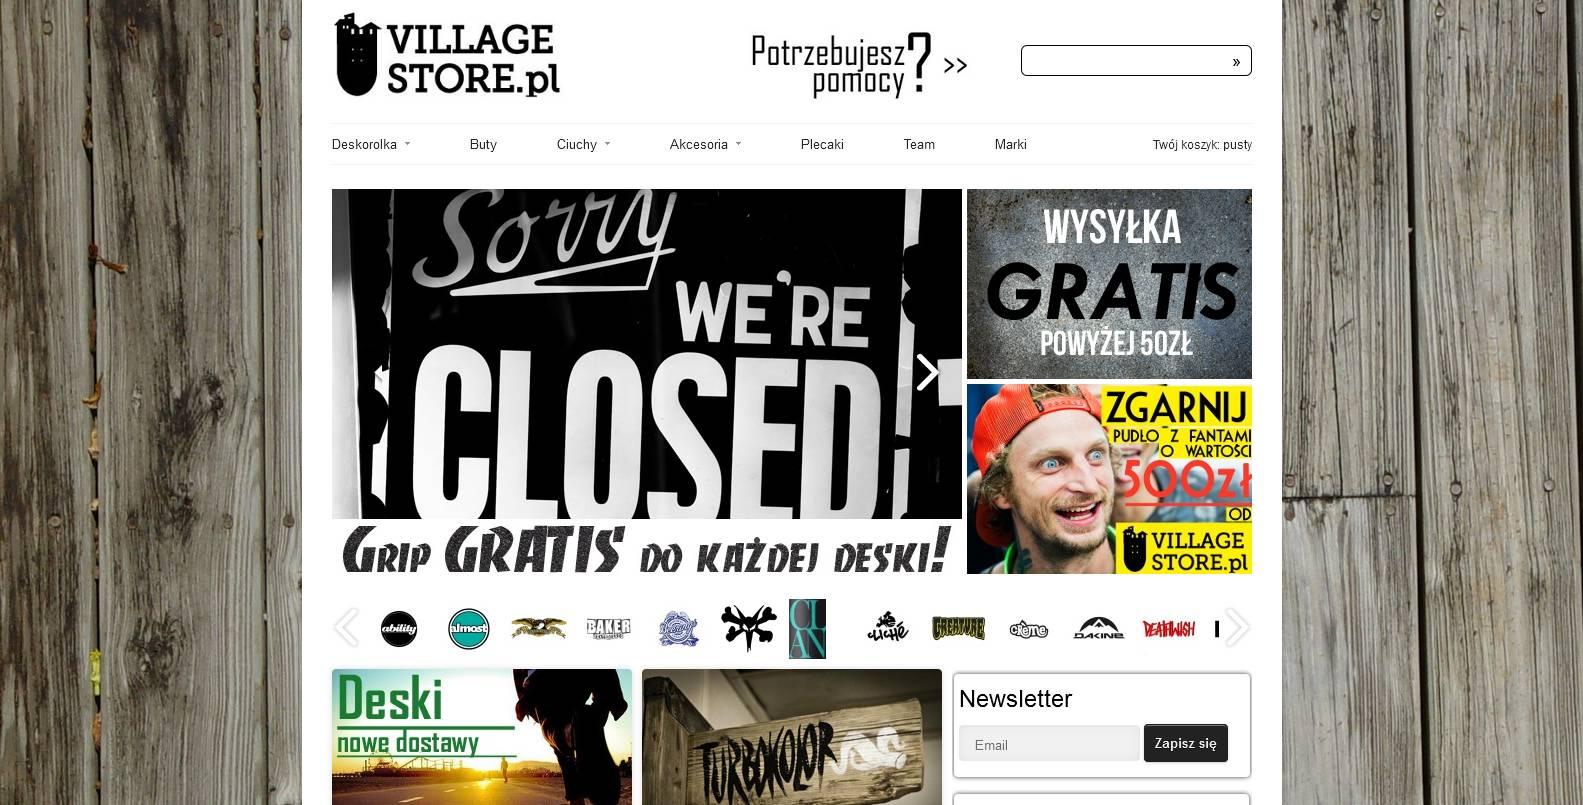 #1199 - 'VillageStore_pl' - www_villagestore_pl